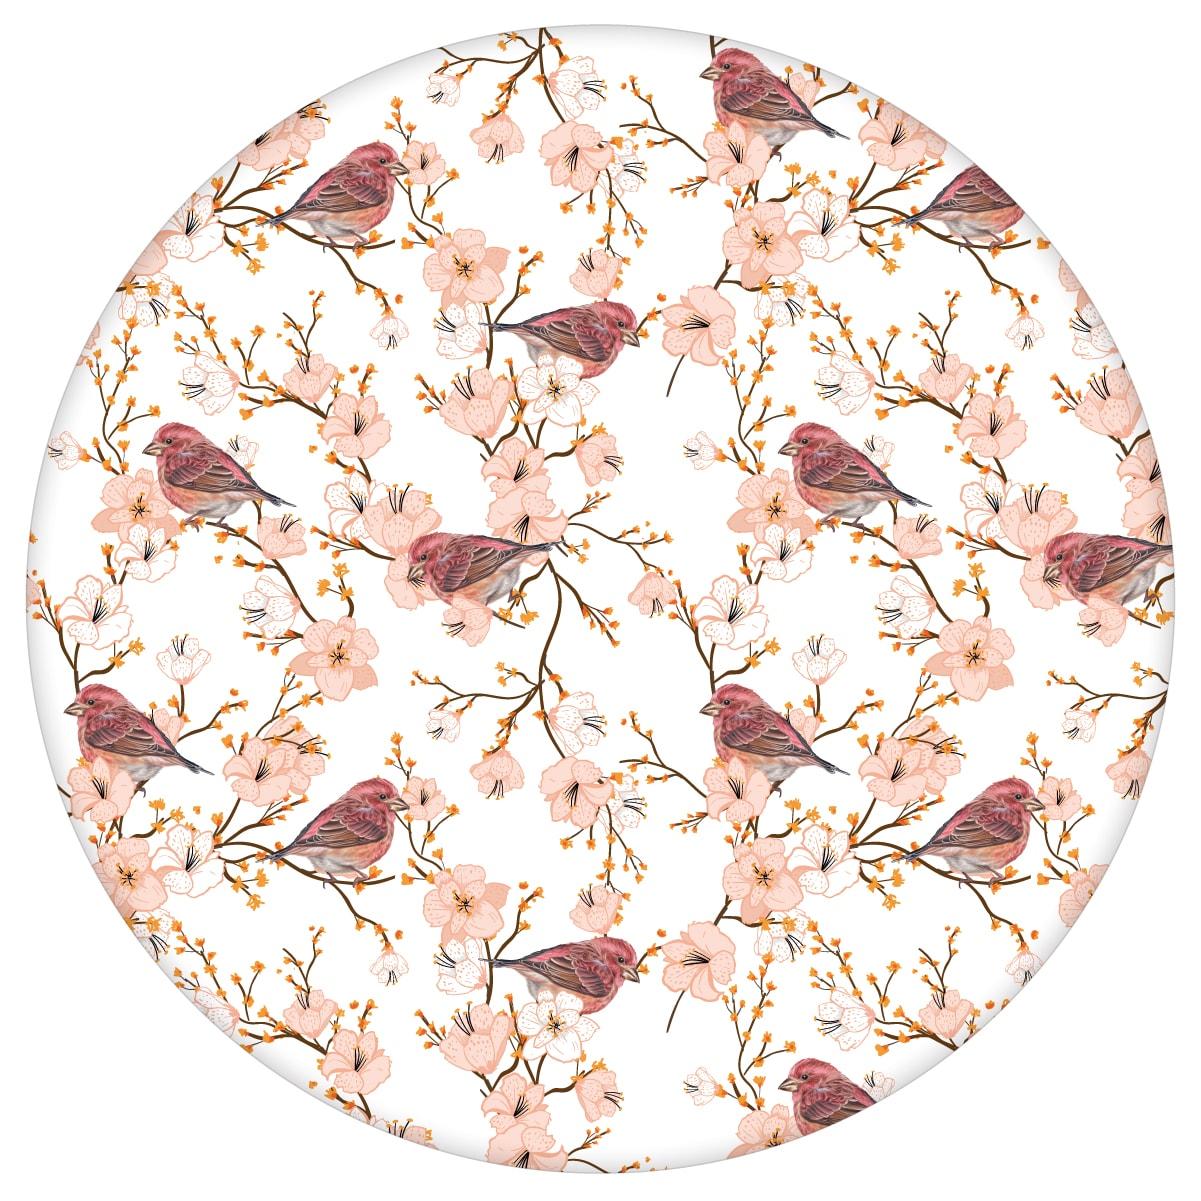 """Luftige Frühlings Tapete """"Kirschblüten Spatz"""" mit Vögeln, weiß rosa Vlies-Tapete Blumen Tiere für Schlafzimmeraus dem GMM-BERLIN.com Sortiment: rosa Tapete zur Raumgestaltung: #00171 #blueten #blumen #Blumentapete #fruehling #Kirschblüte #rosa #rosa Tapeten #schlafzimmer #Spatz #voegel #weiss #weisse Tapeten für individuelles Interiordesign"""